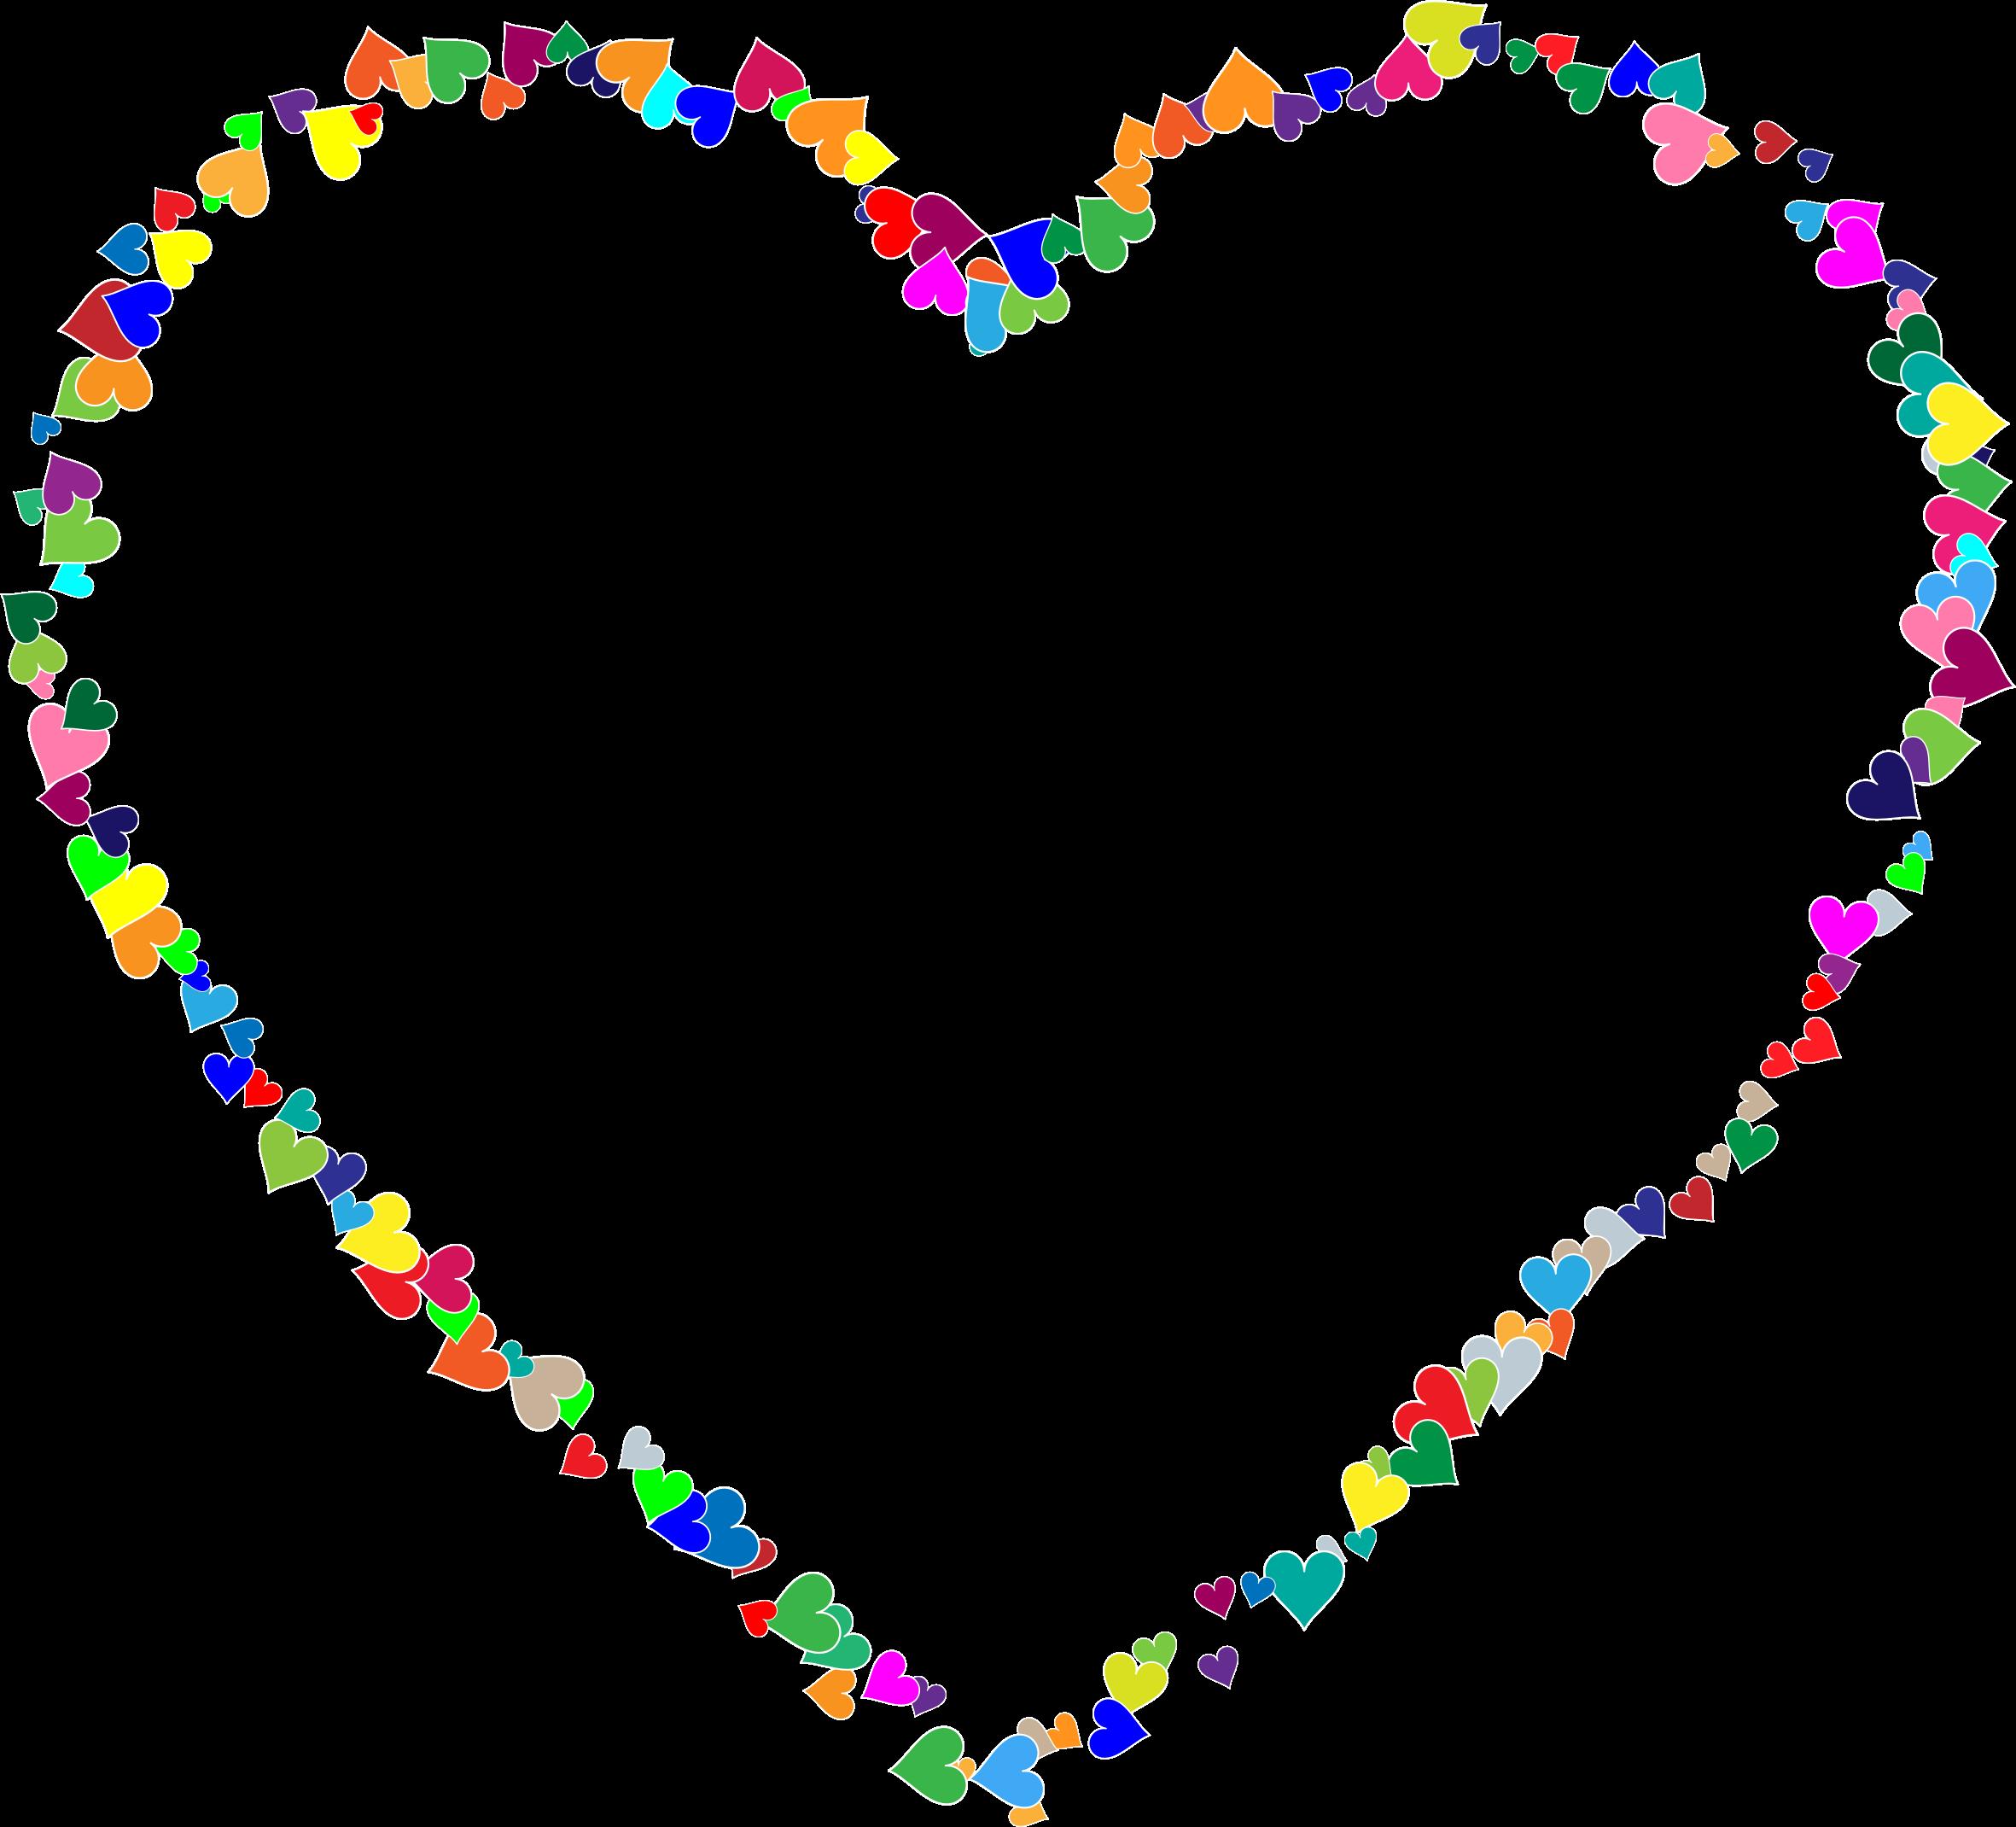 Hearts l ve pinterest. Ladder clipart frame colorful